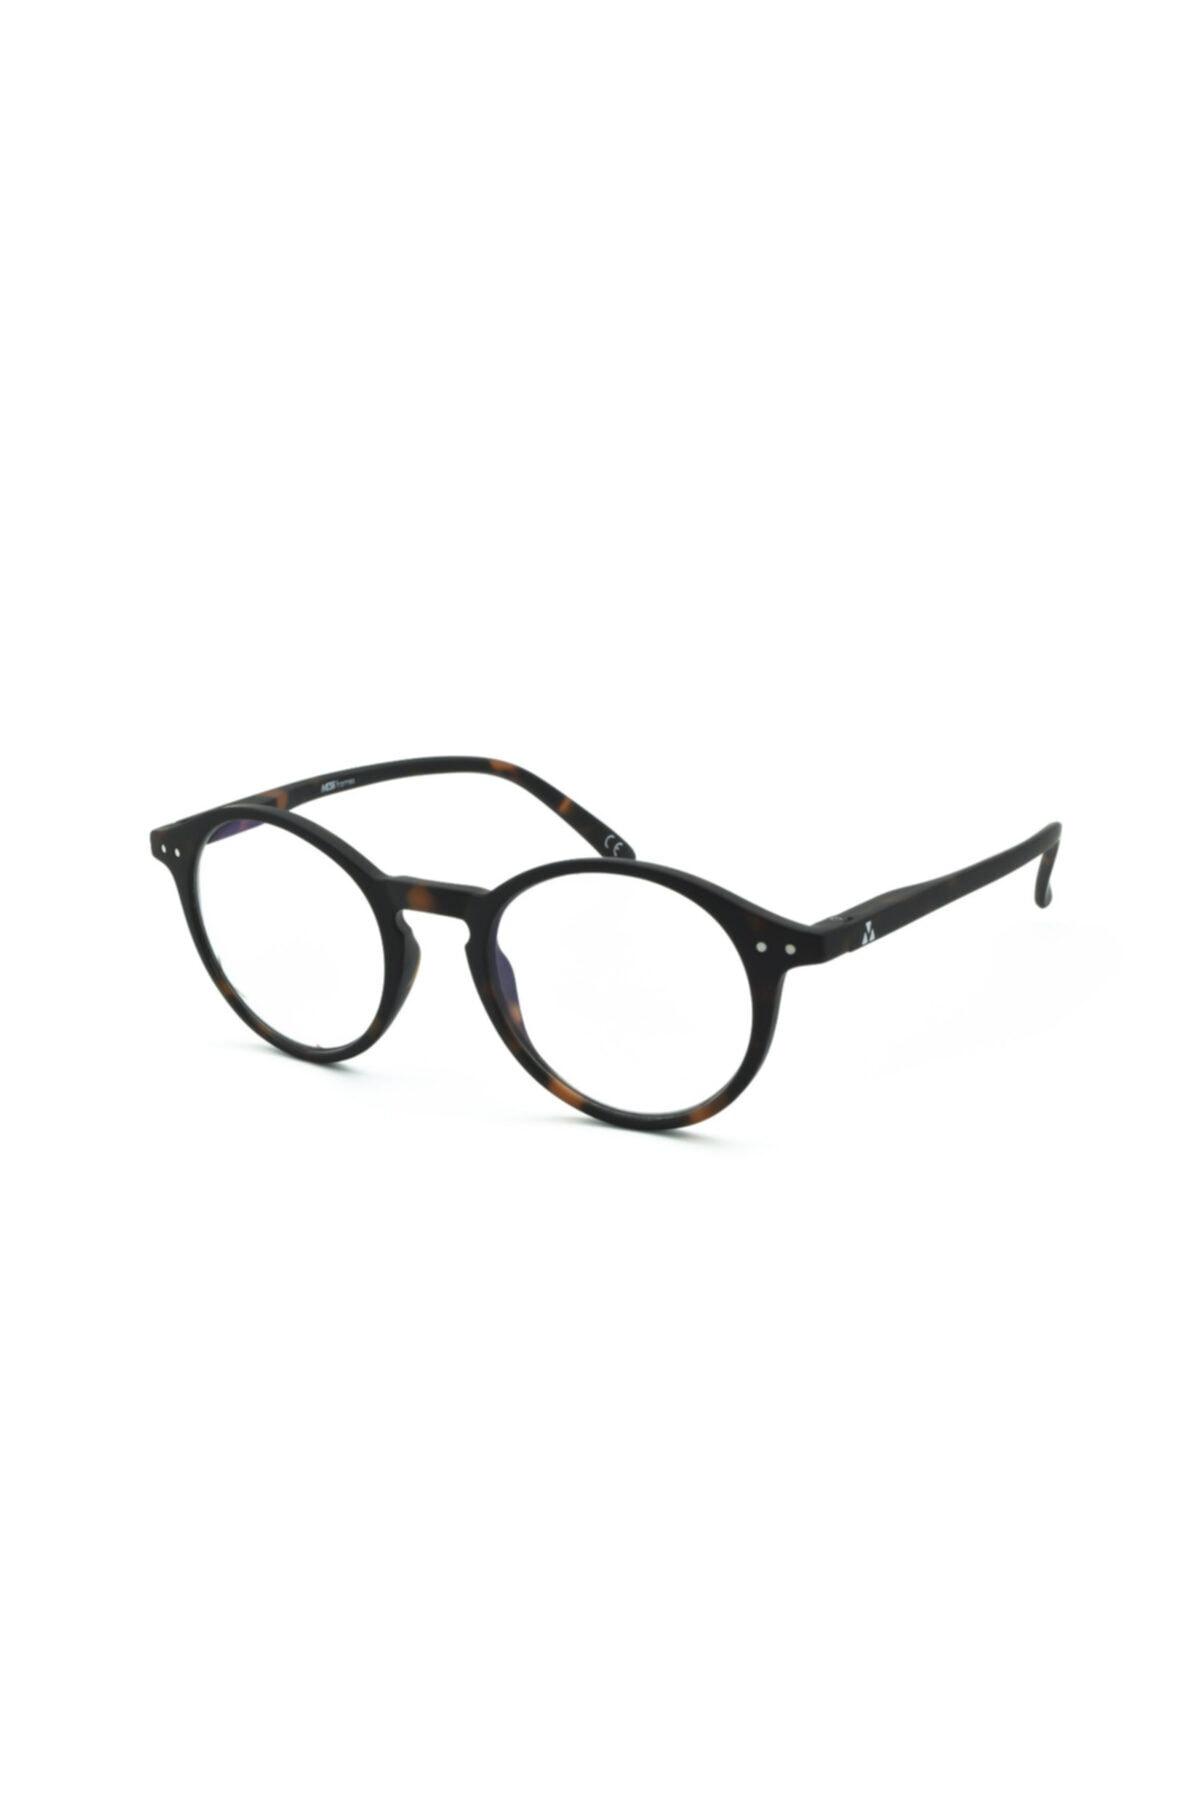 Mess Frames Orijinal Mavi Işık Filtreli Ekran Gözlüğü Unclebob-opt C3 50-21-140 ( Kırçıllı Kahve ) 1